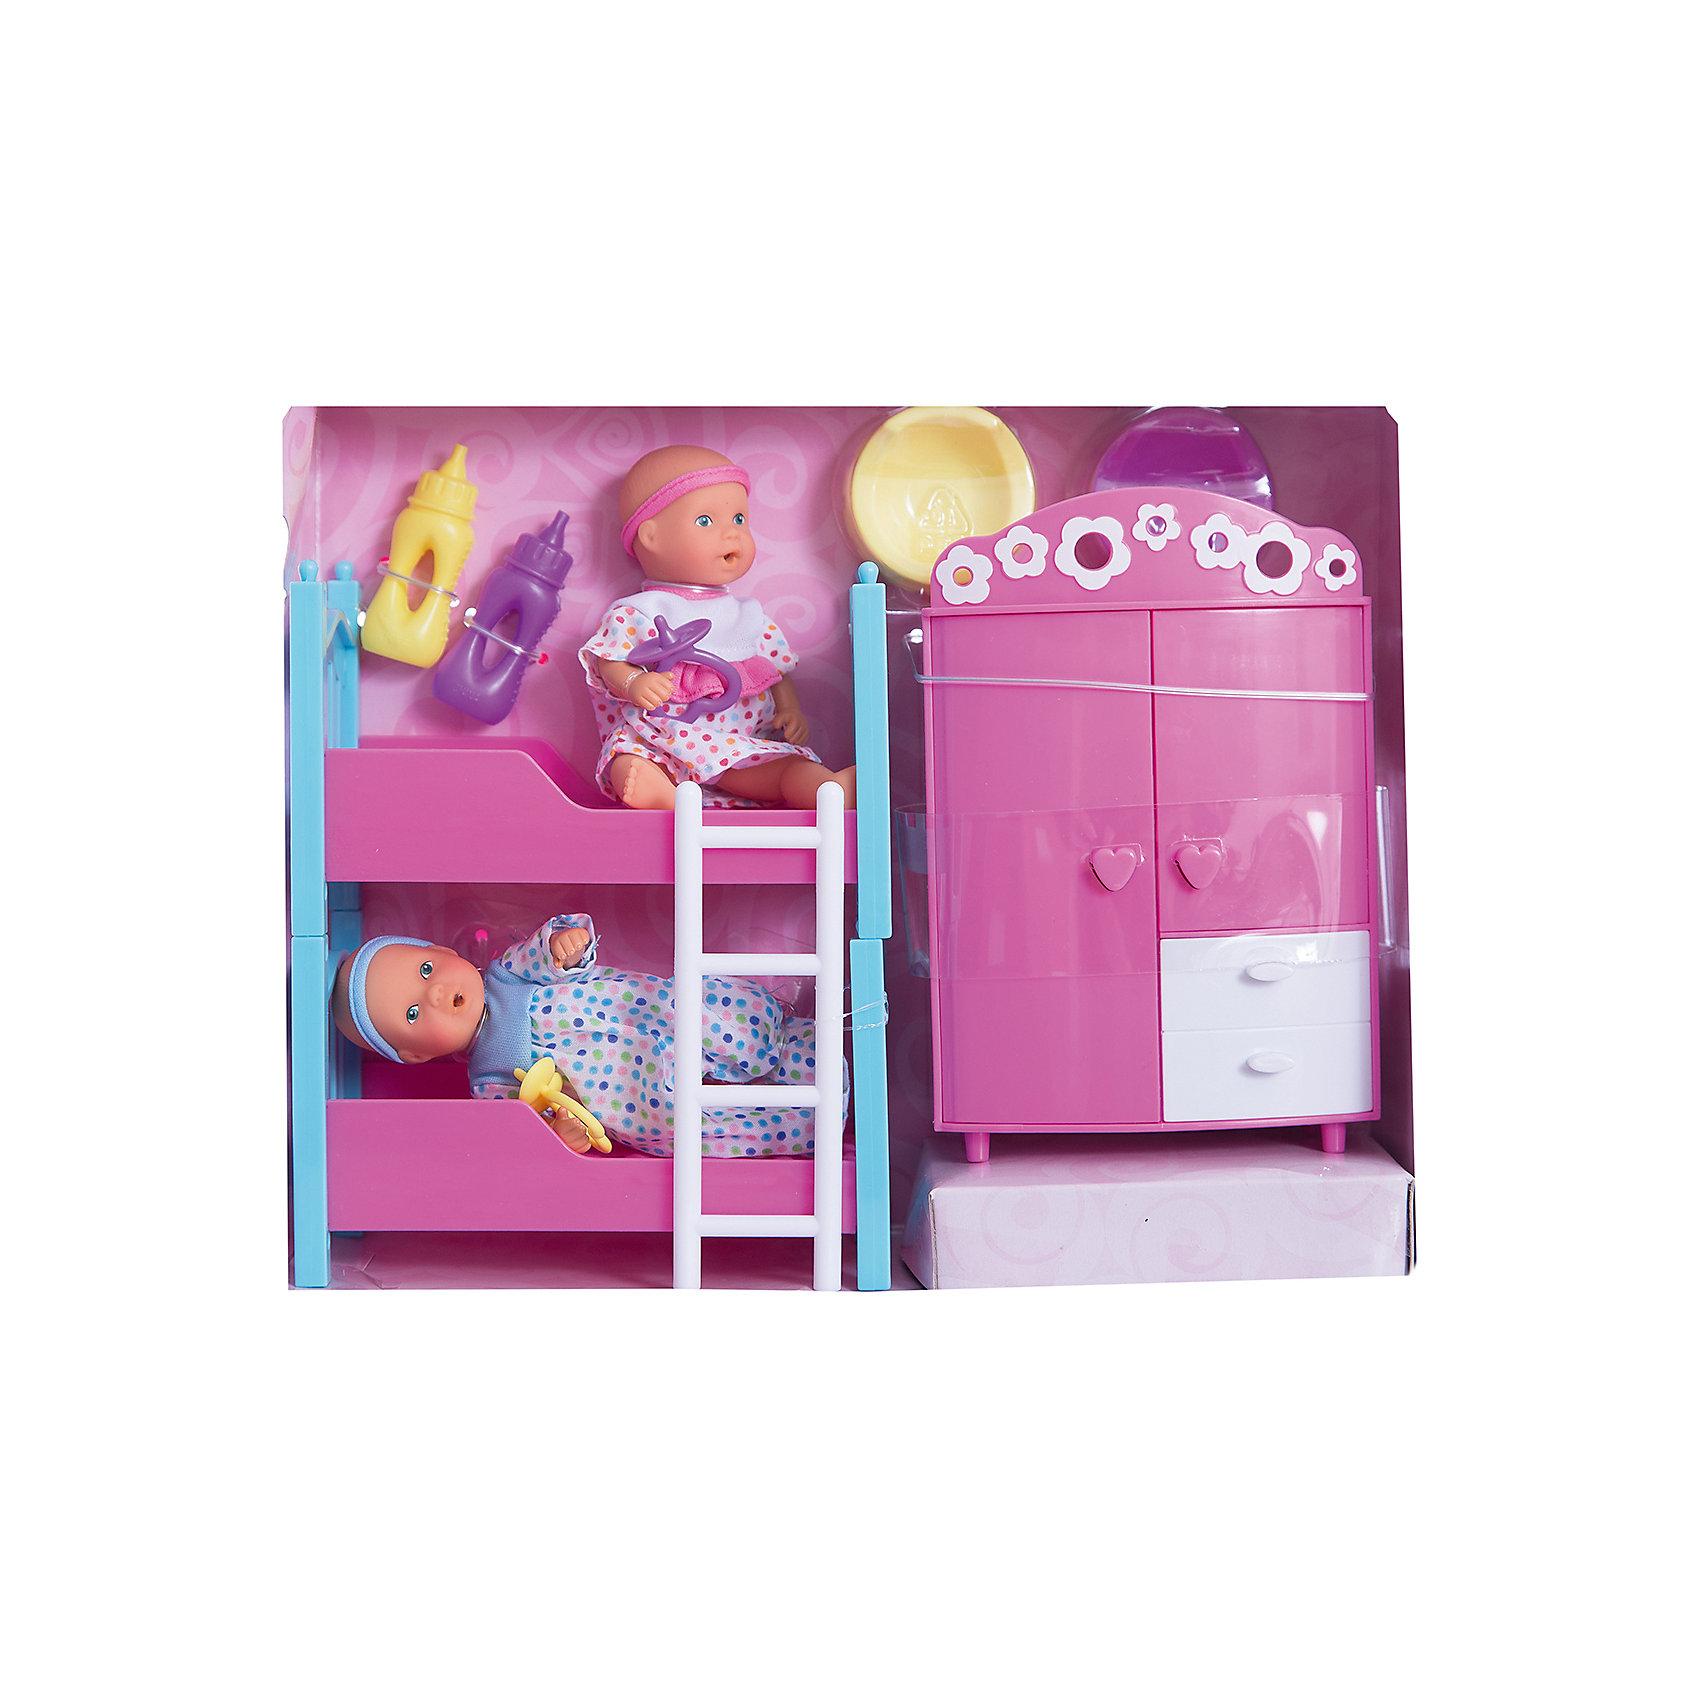 Simba Набор пупсиков в детской спальне, 12 см, Simba